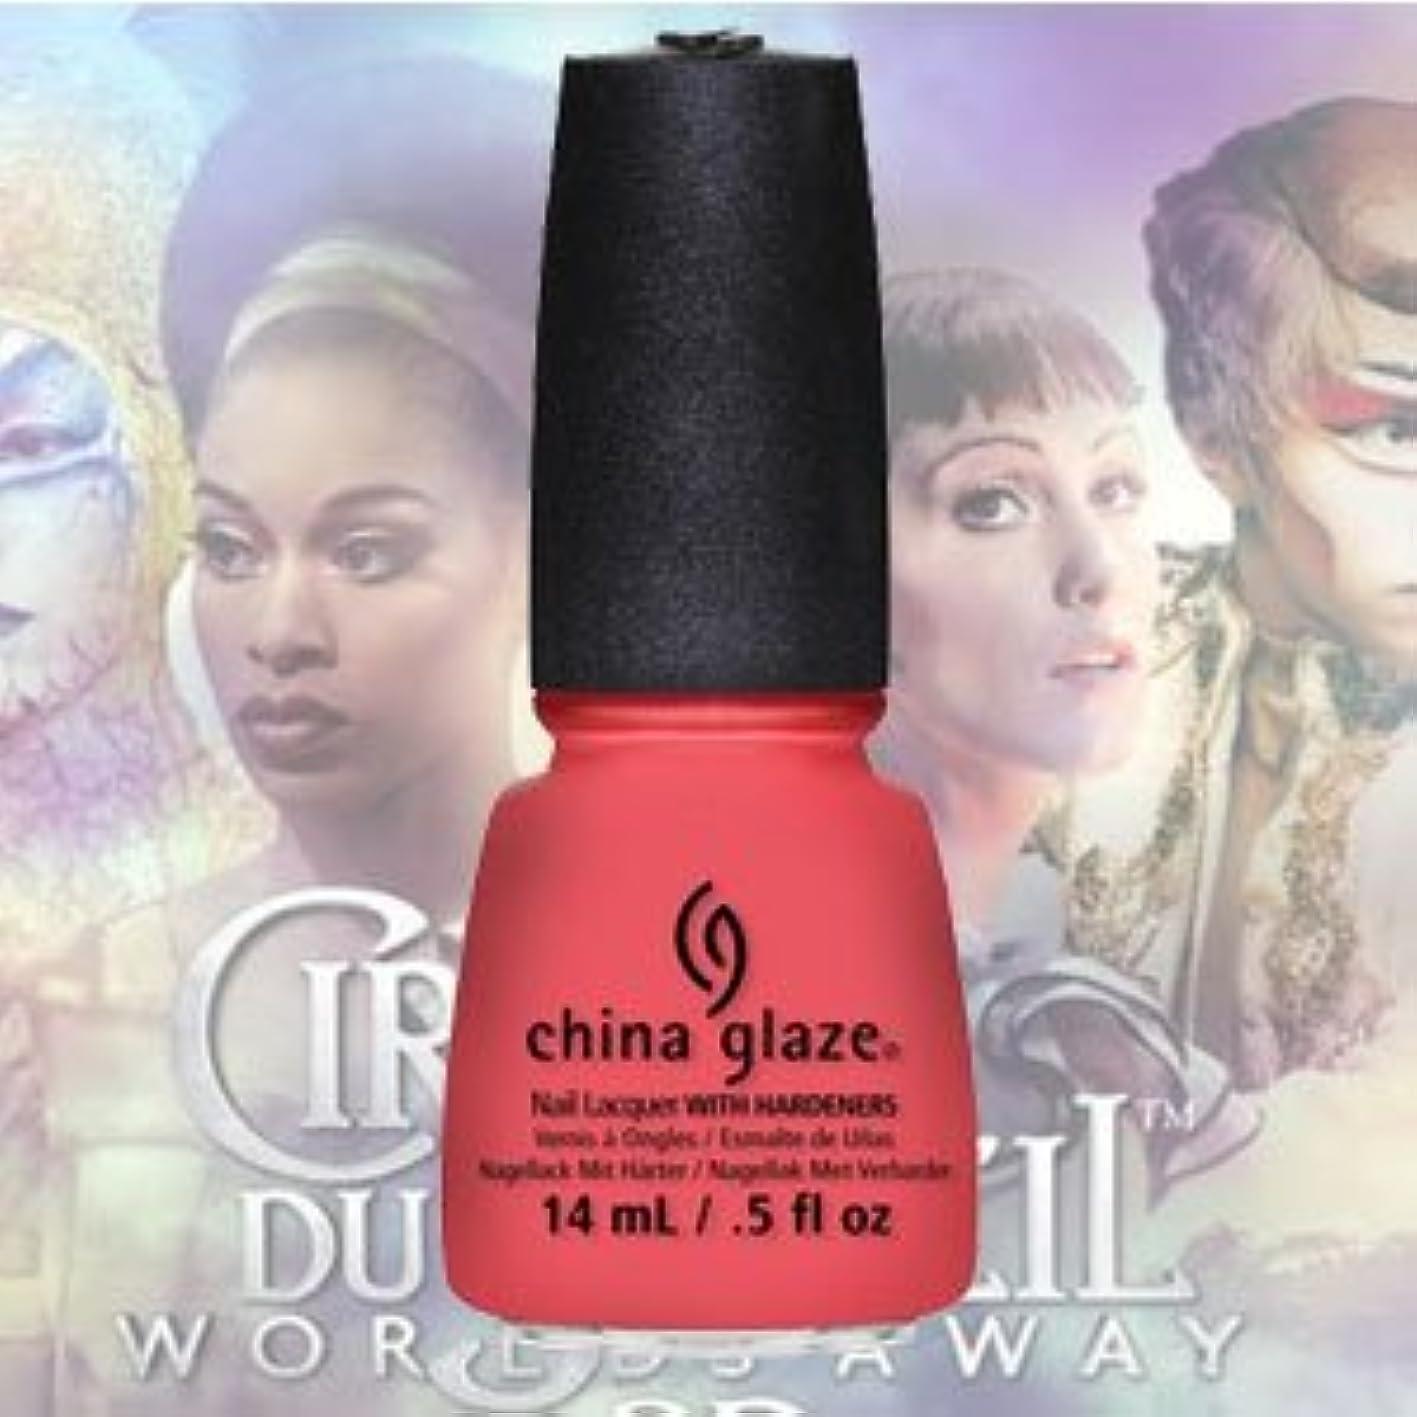 謙虚なでも十分(チャイナグレイズ)China Glaze Surreal AppealーCirque Du Soleil コレクション [海外直送品][並行輸入品]